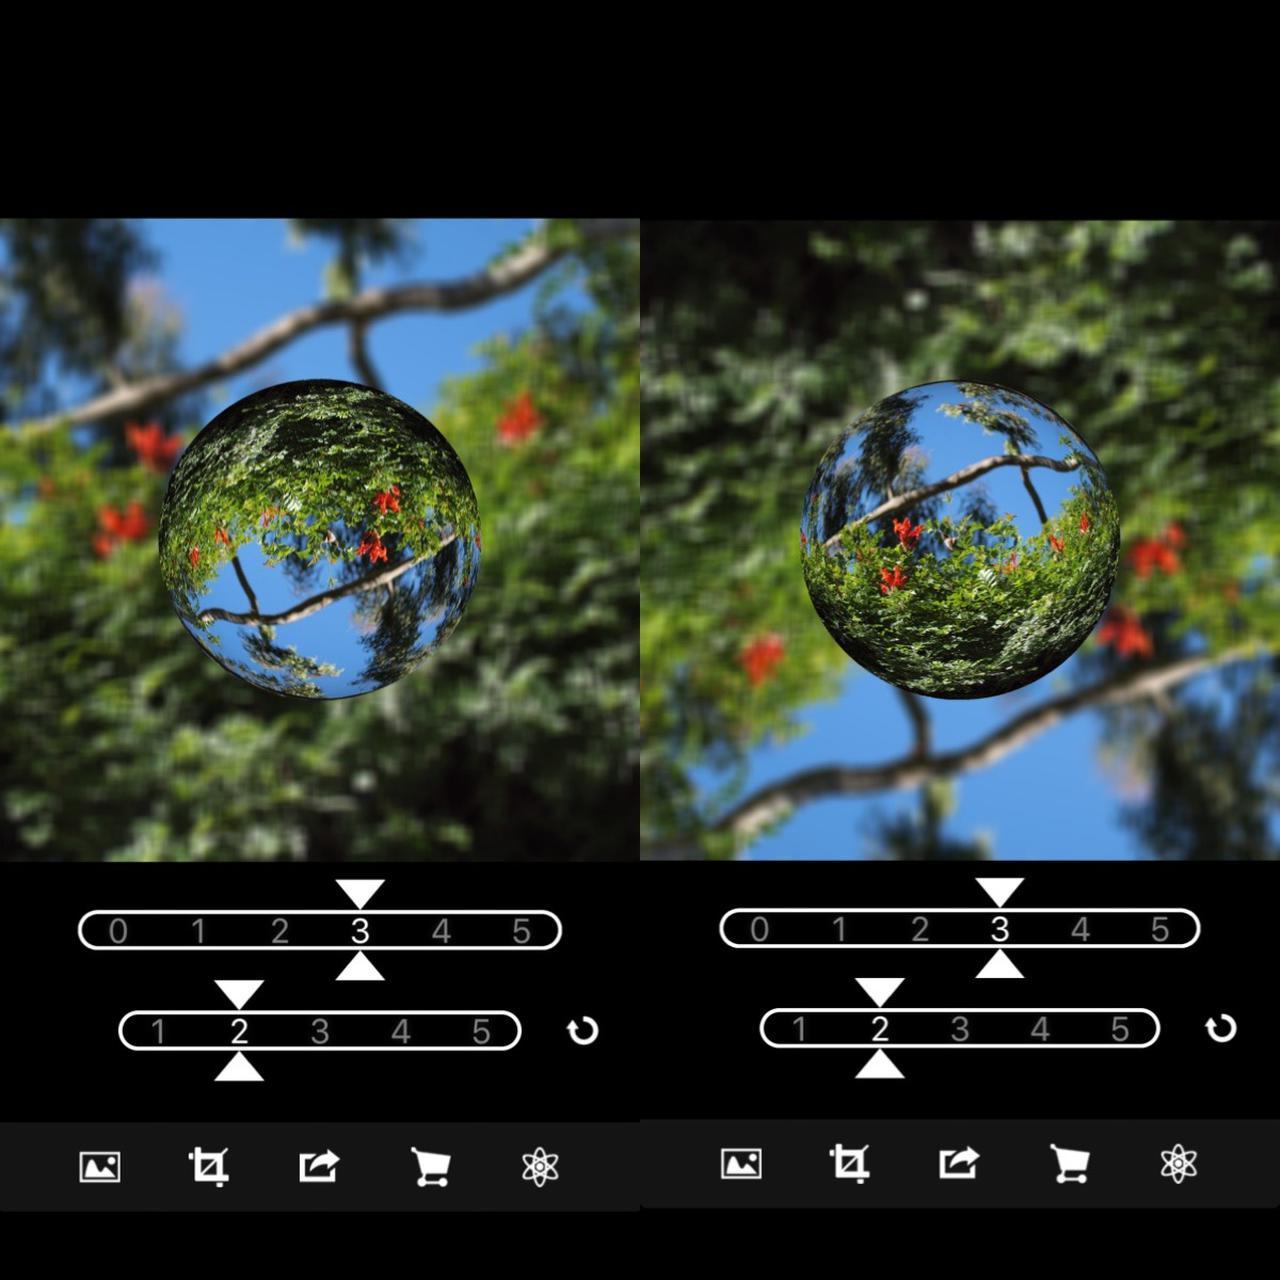 画像2: 写真を読み込むだけで宙玉写真ができちゃう!